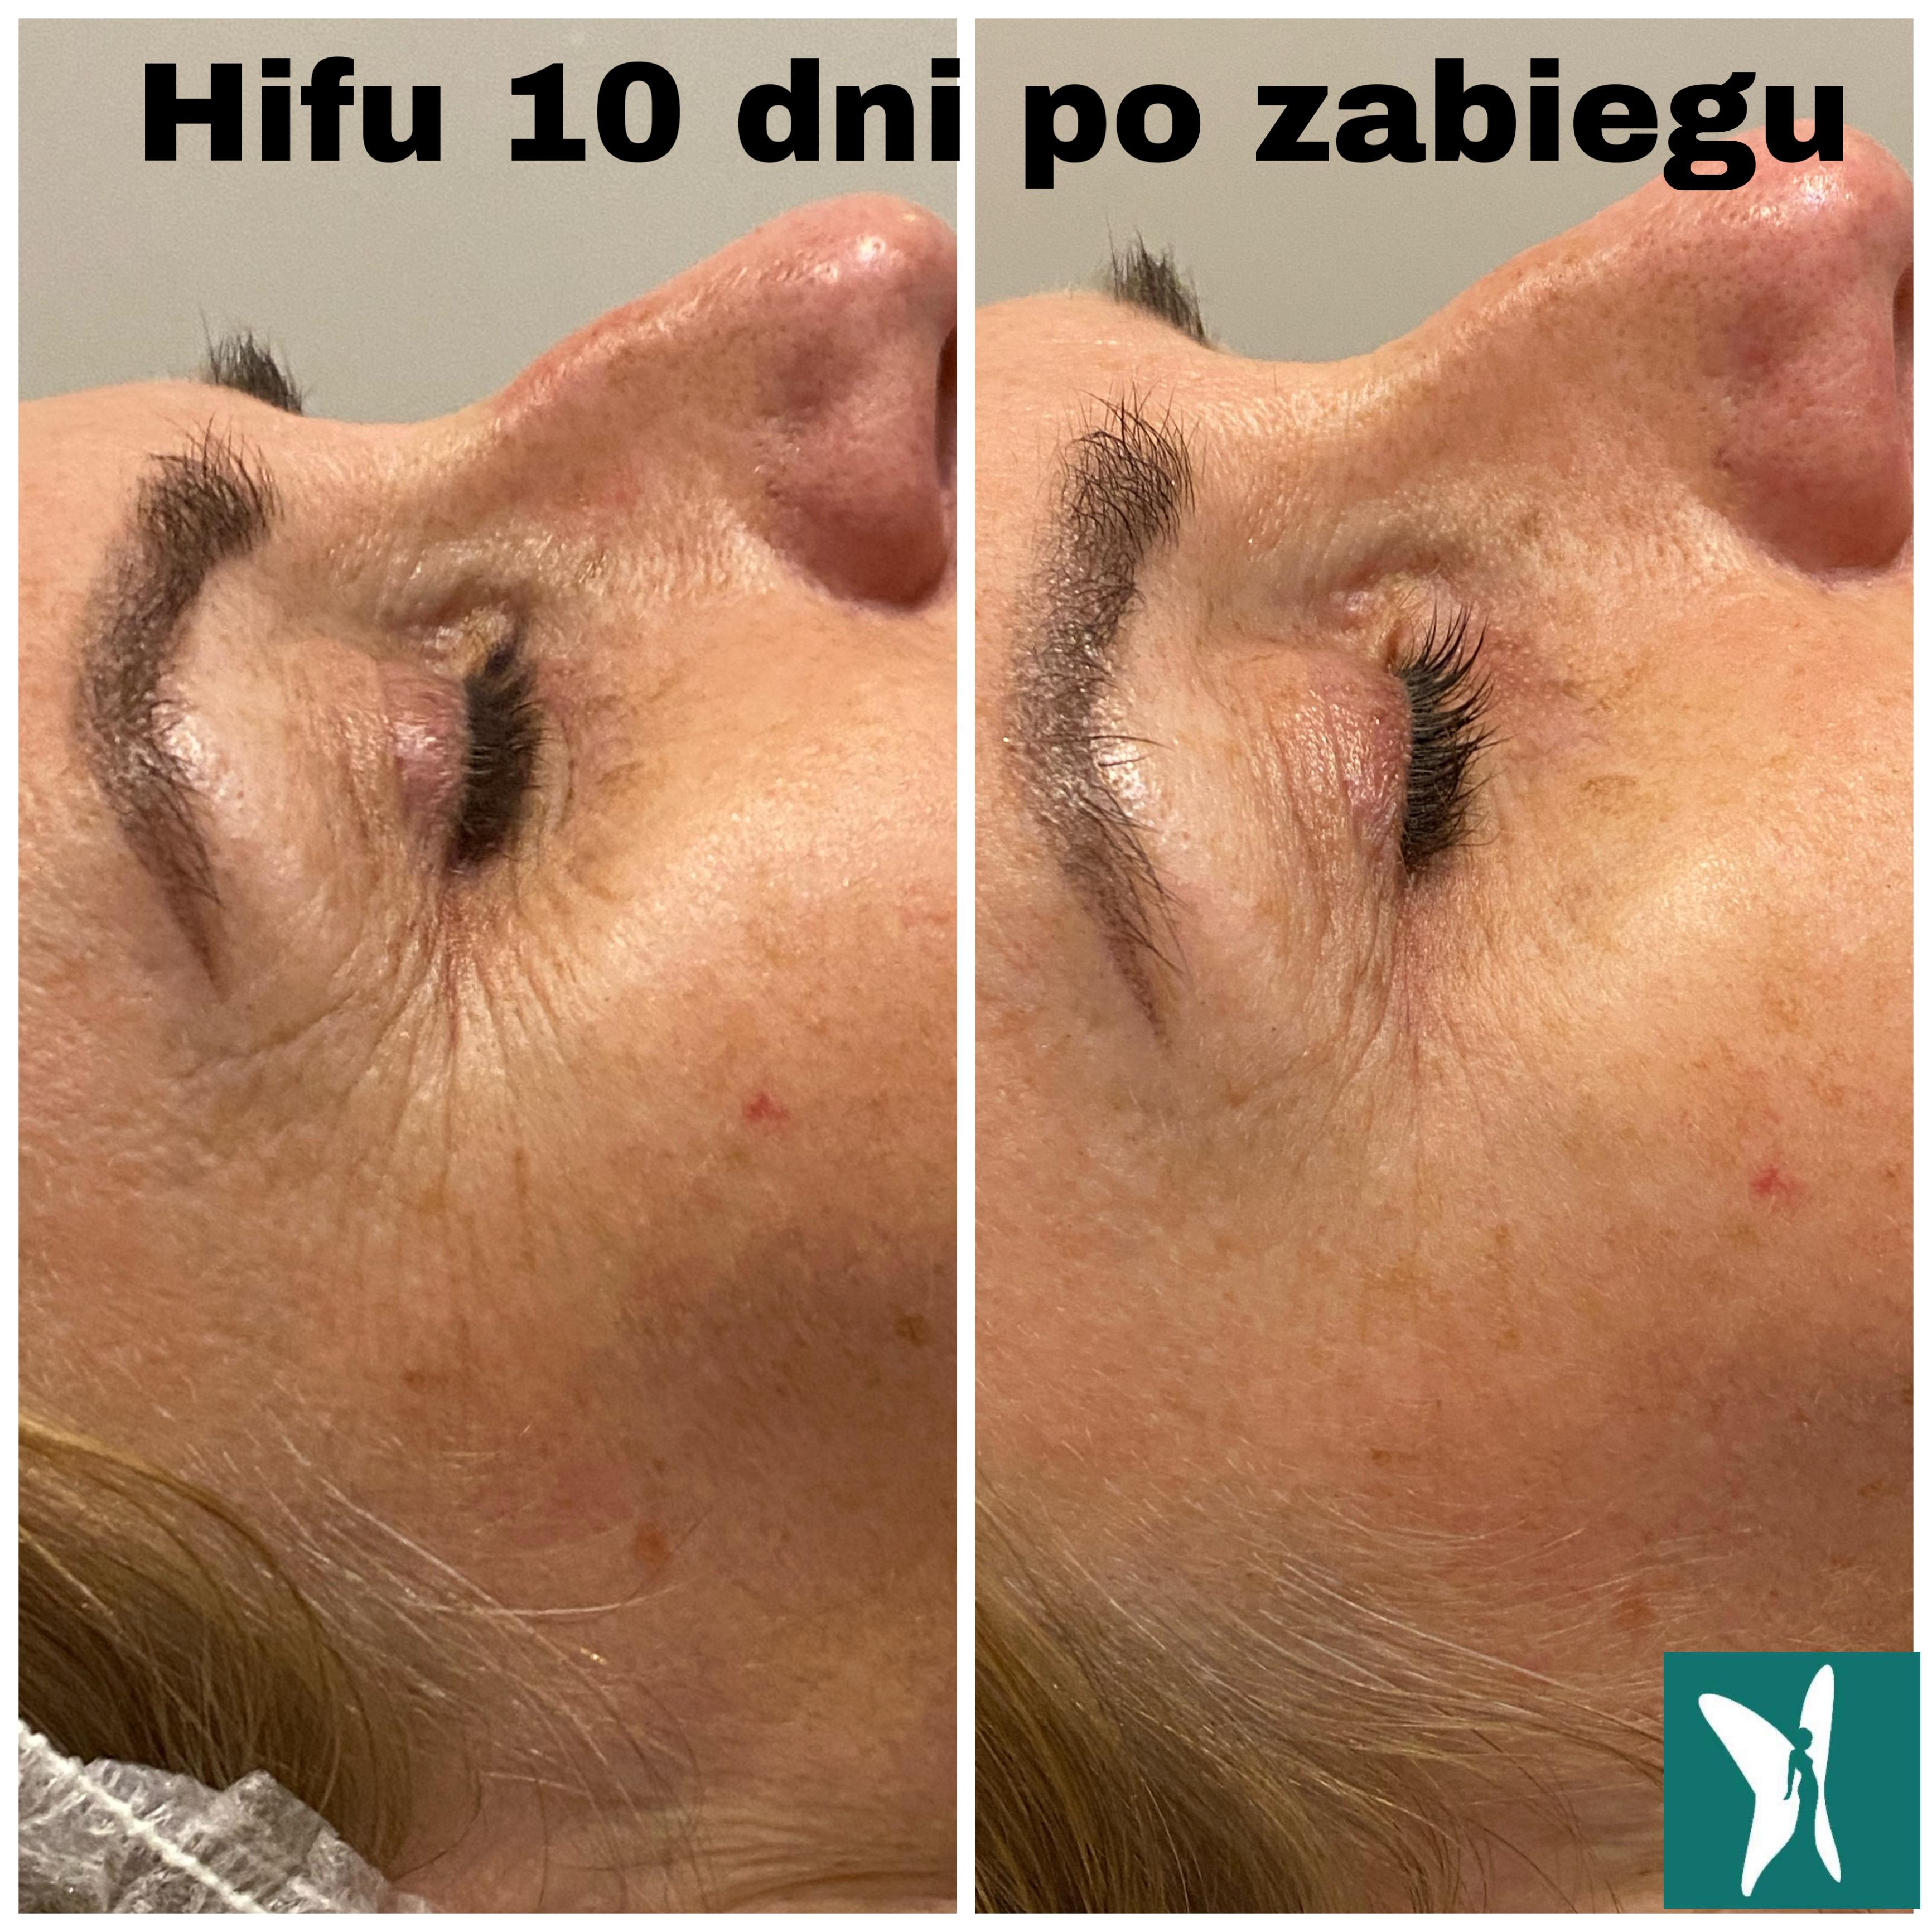 hifu opadajaca powieka kurze łapki zmarszczki mimiczne kobieteria